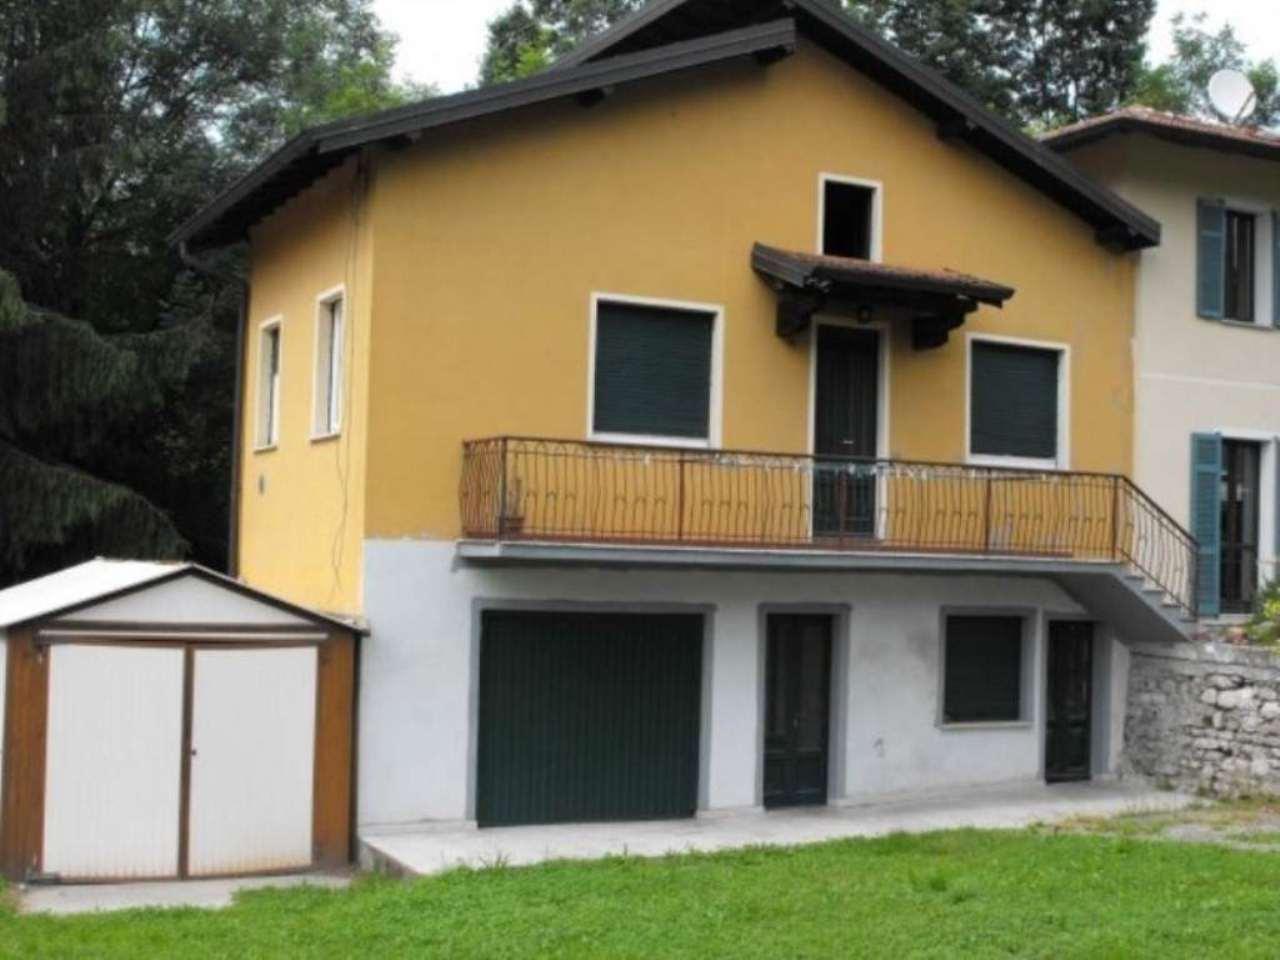 Soluzione Indipendente in vendita a Ispra, 3 locali, prezzo € 109.000 | CambioCasa.it